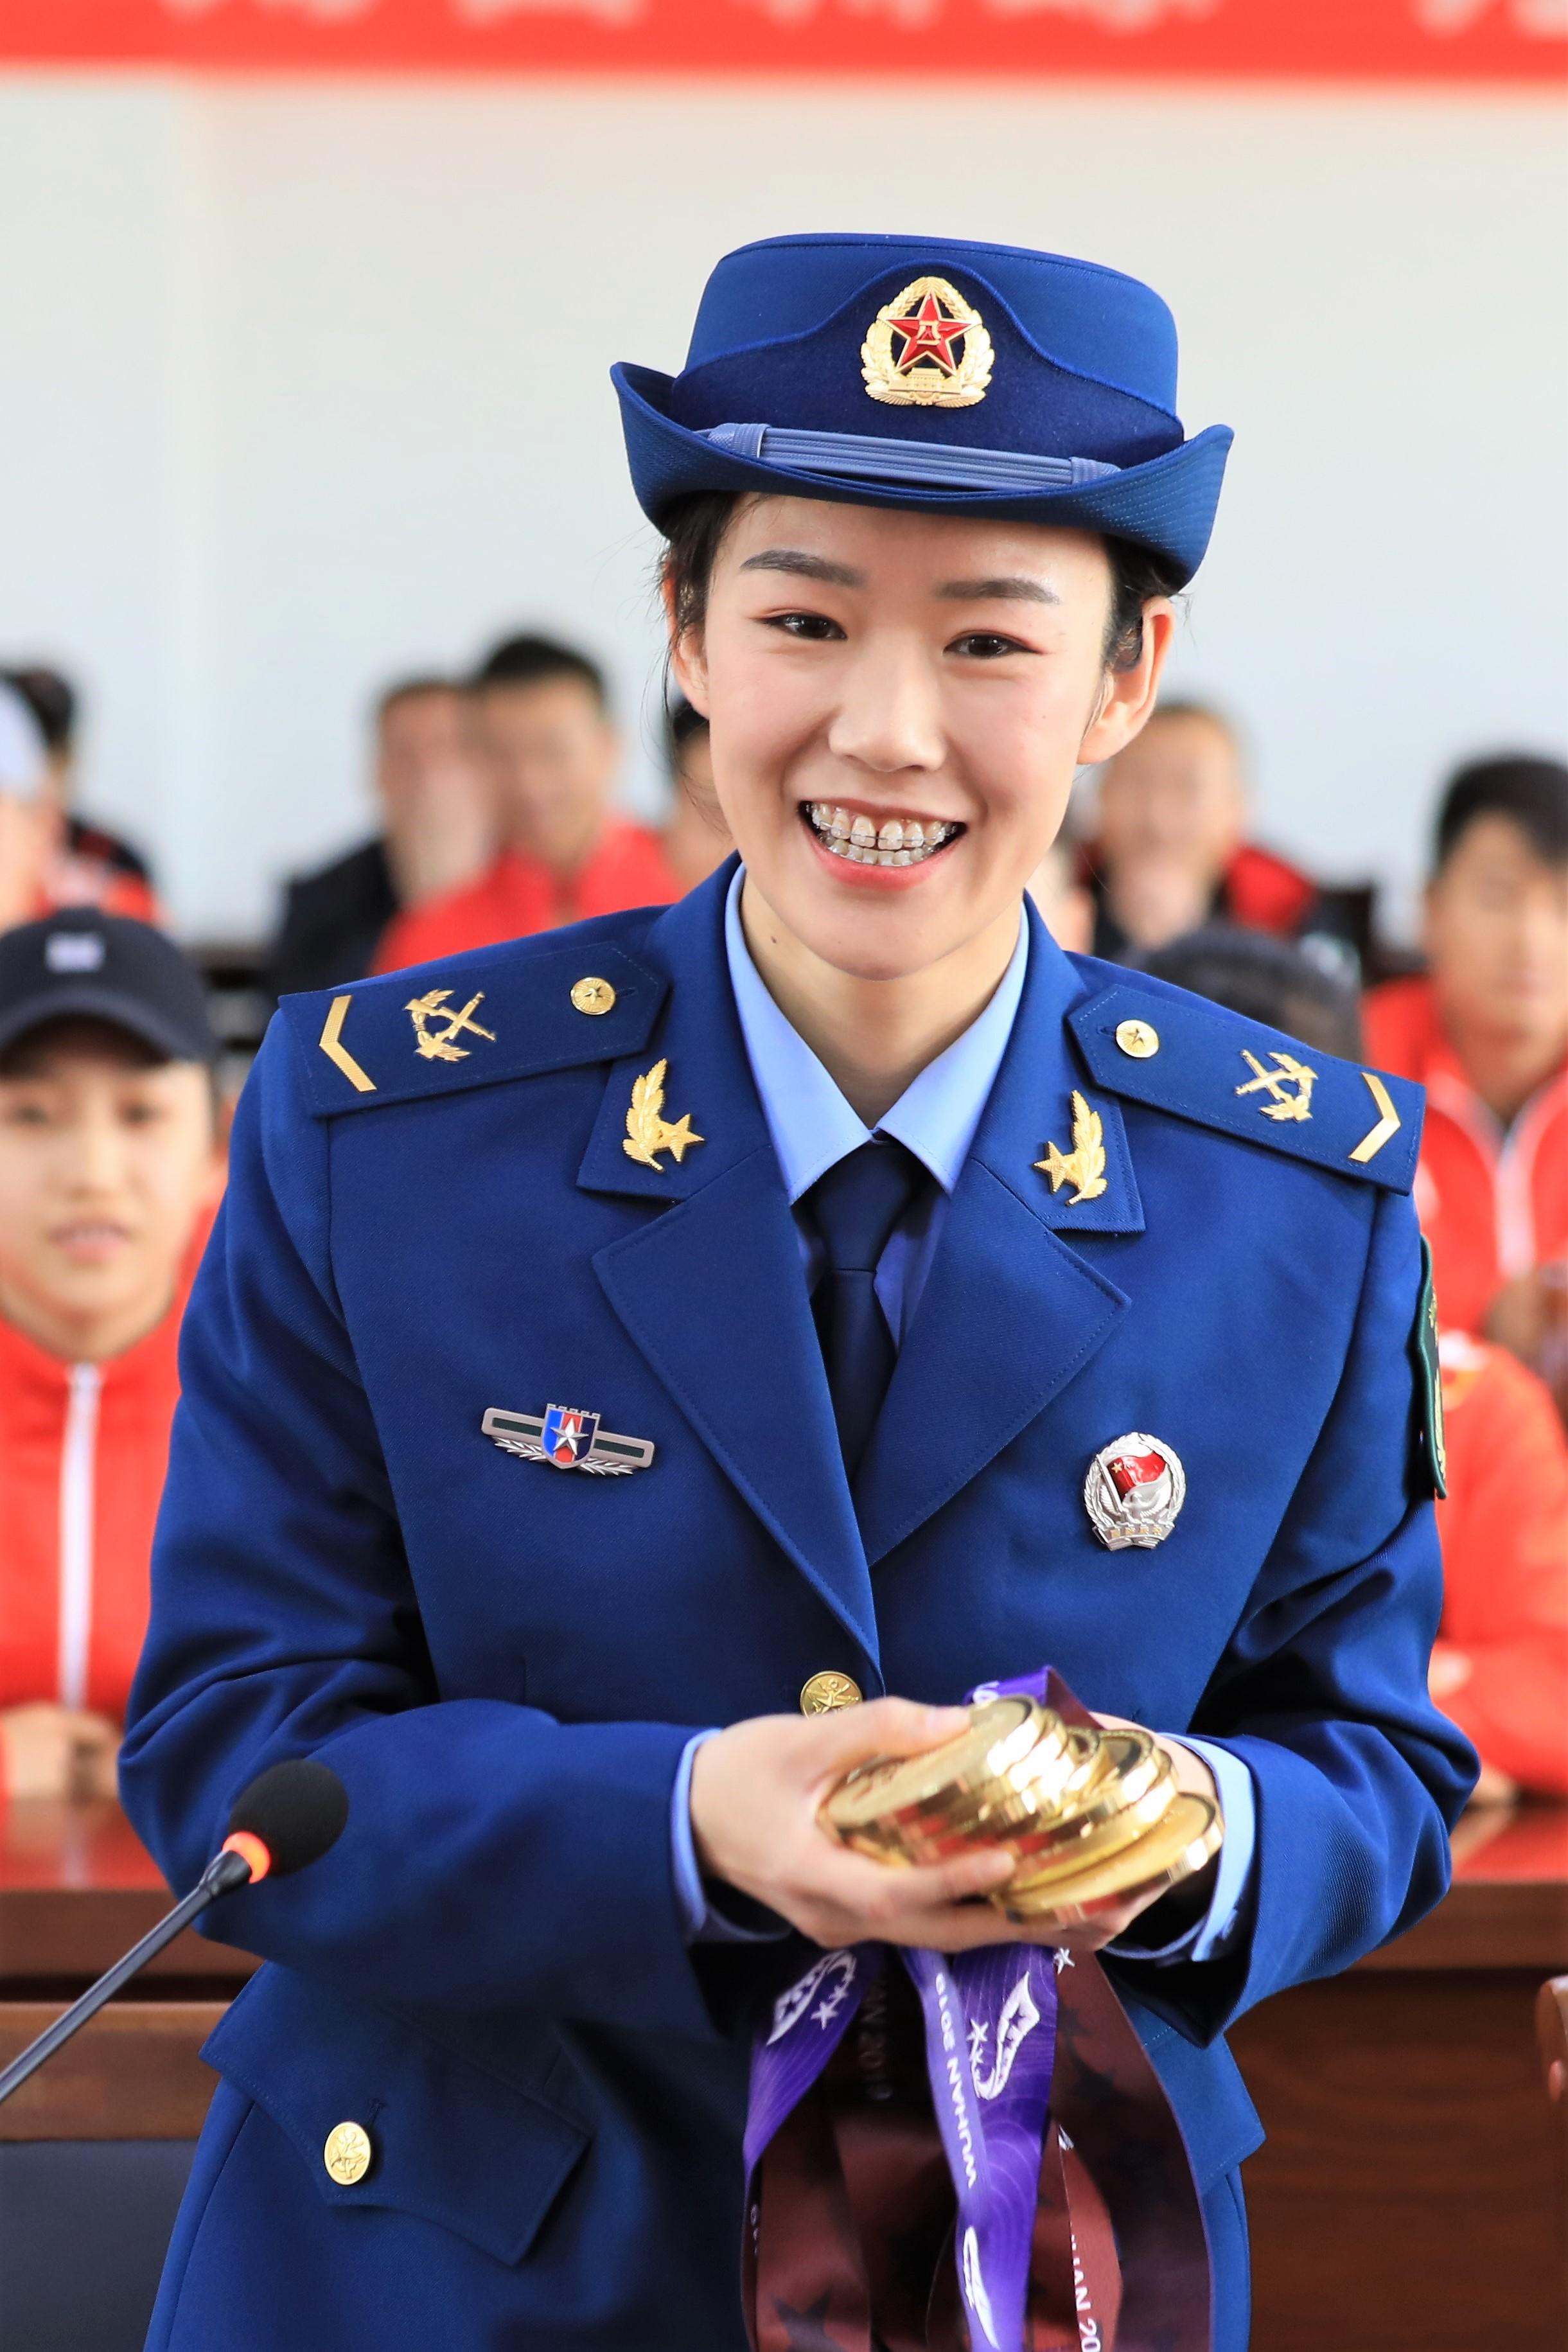 军运会拿下8枚跳伞金牌,这个郑州姑娘不靠颜值靠实力